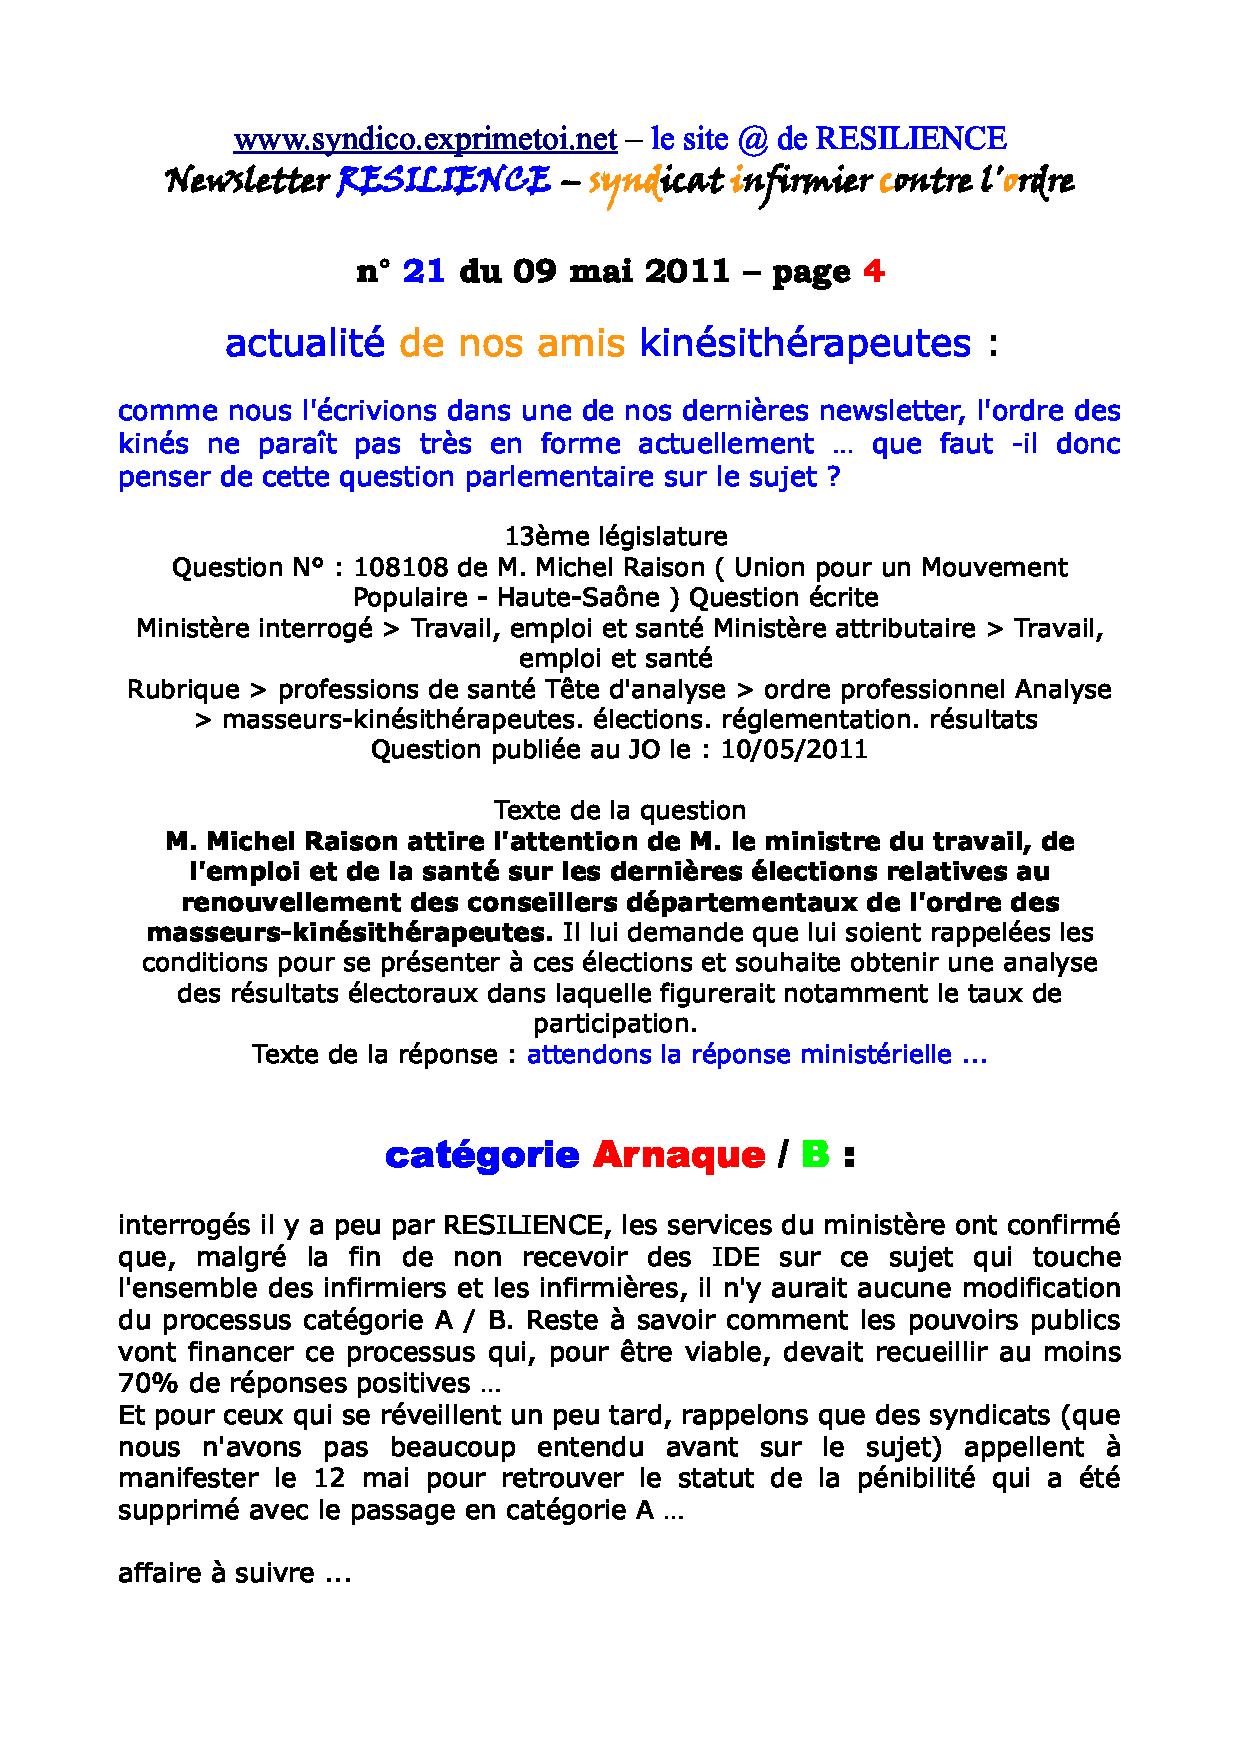 Newsletter RESILIENCE n° 21 du 09 mai 2011 1105130112361139708149920